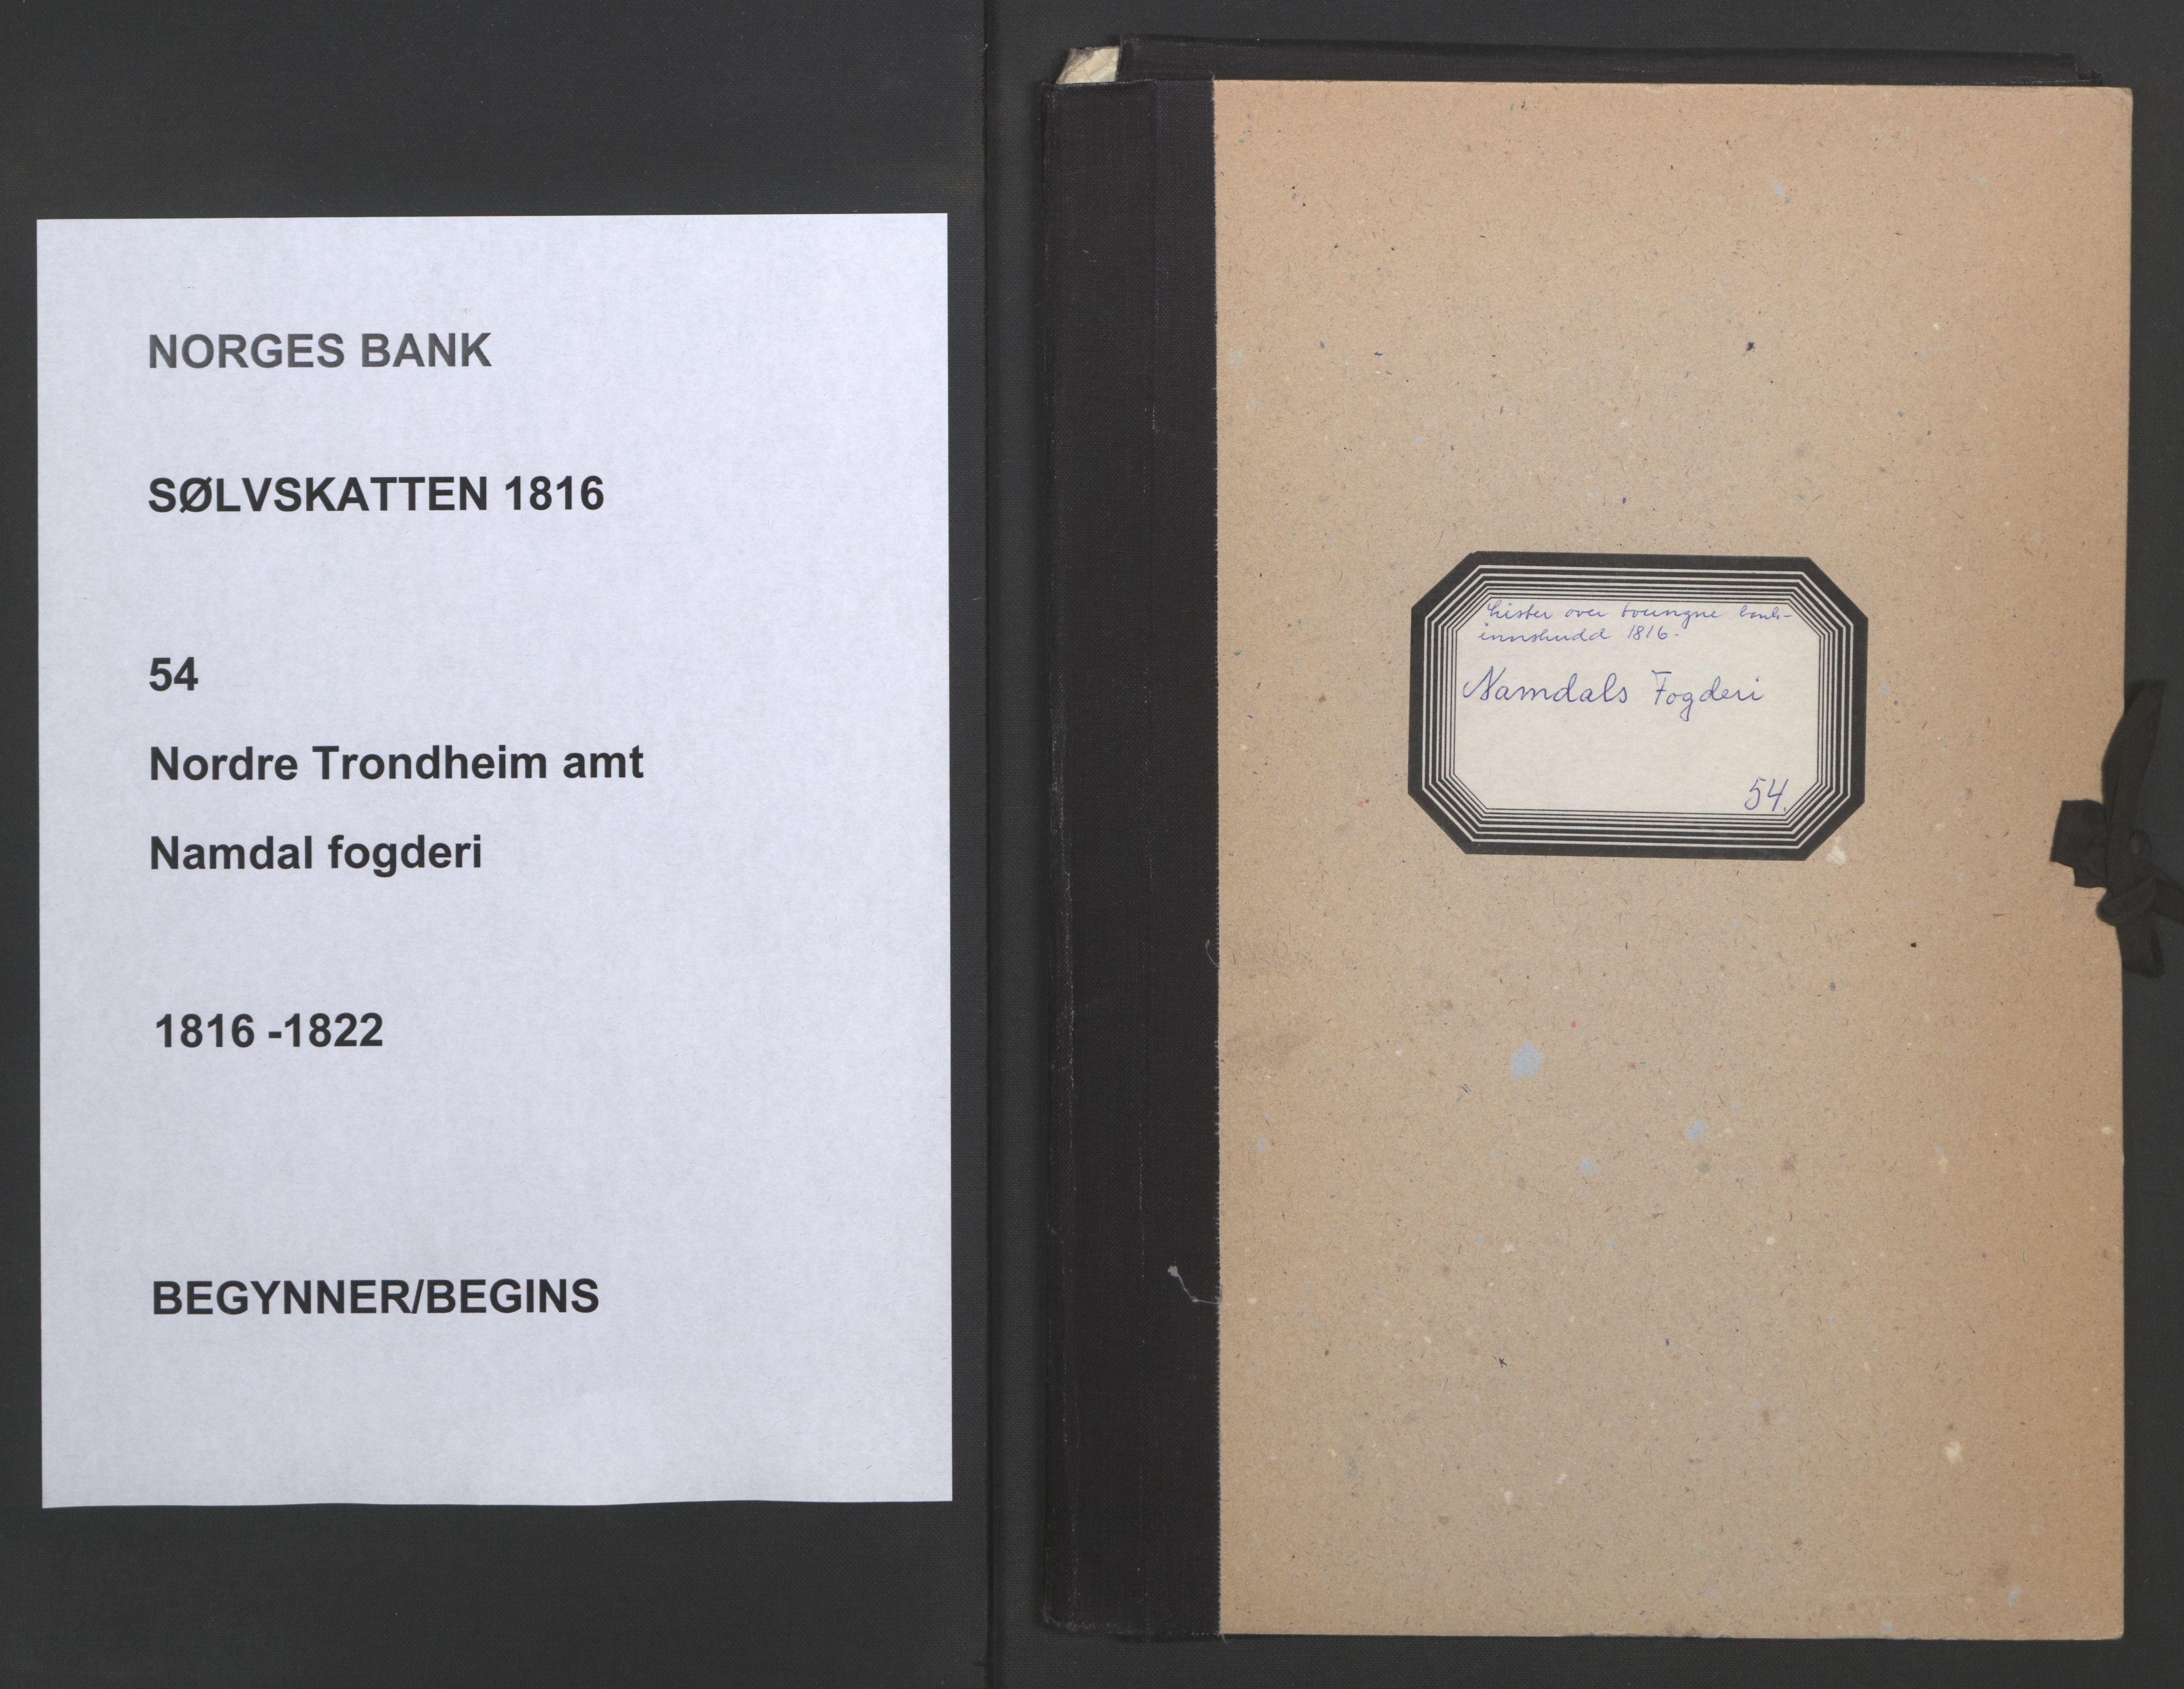 NOBA, Norges Bank/Sølvskatten 1816*, 1816-1822, s. 1